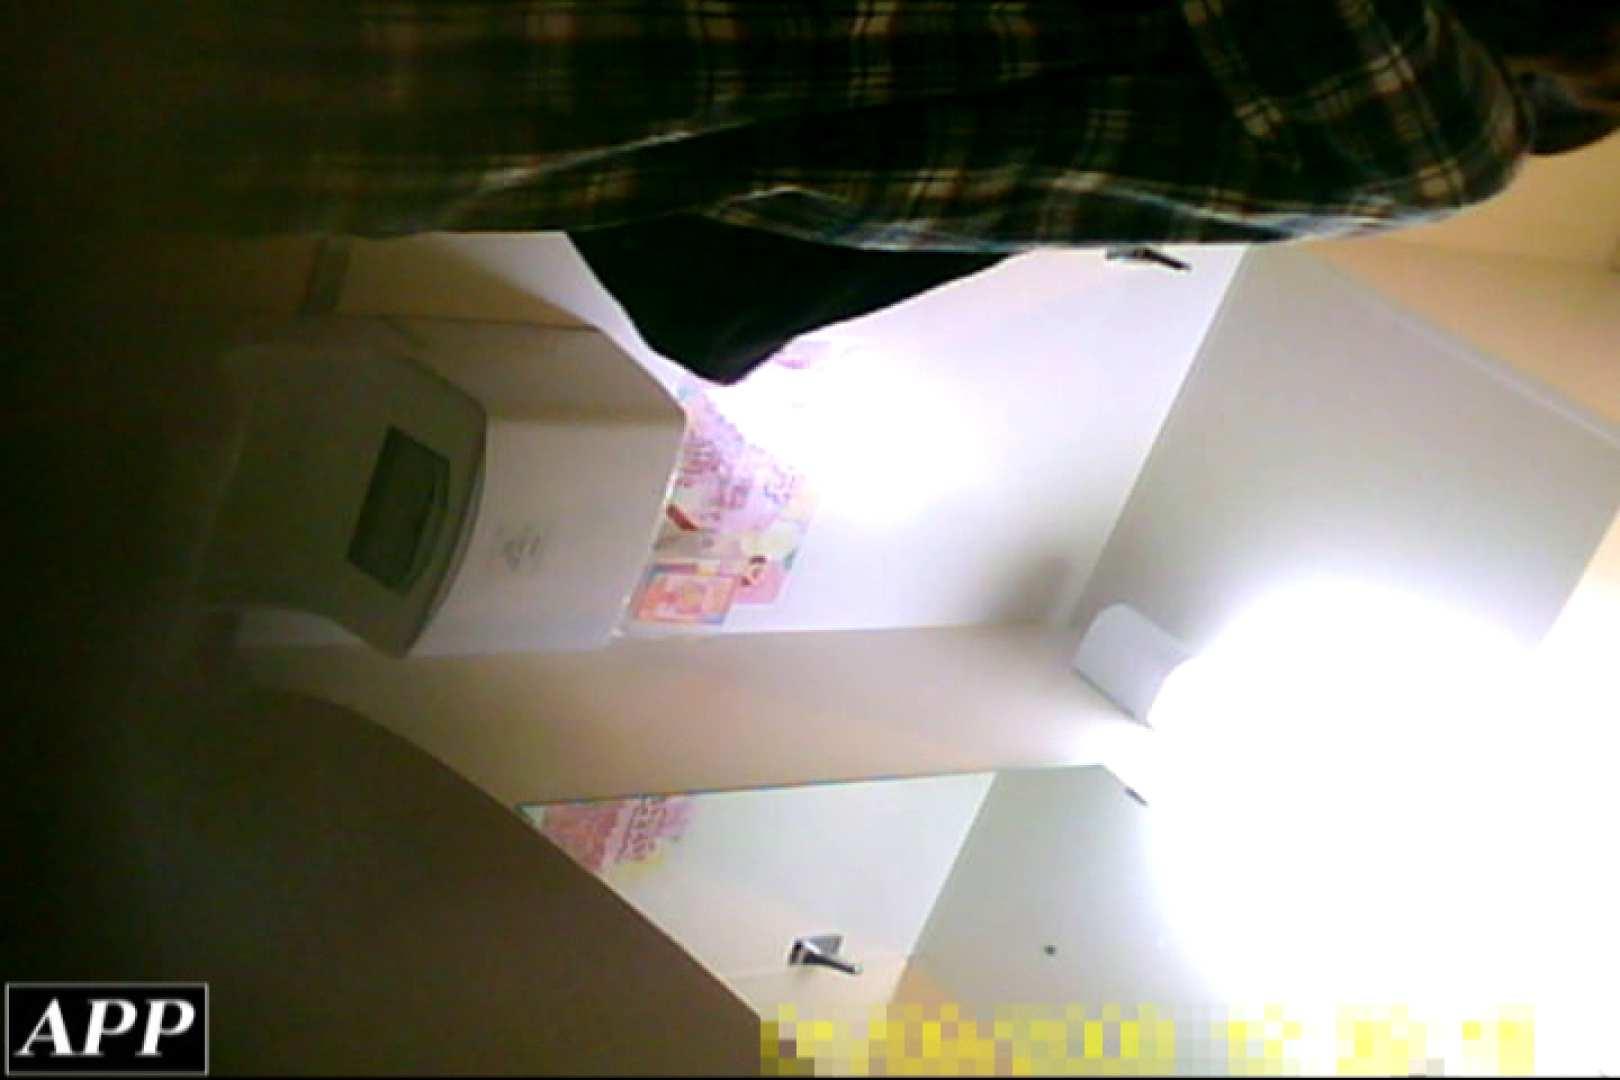 3視点洗面所 vol.14 洗面所 のぞき濡れ場動画紹介 93pic 80